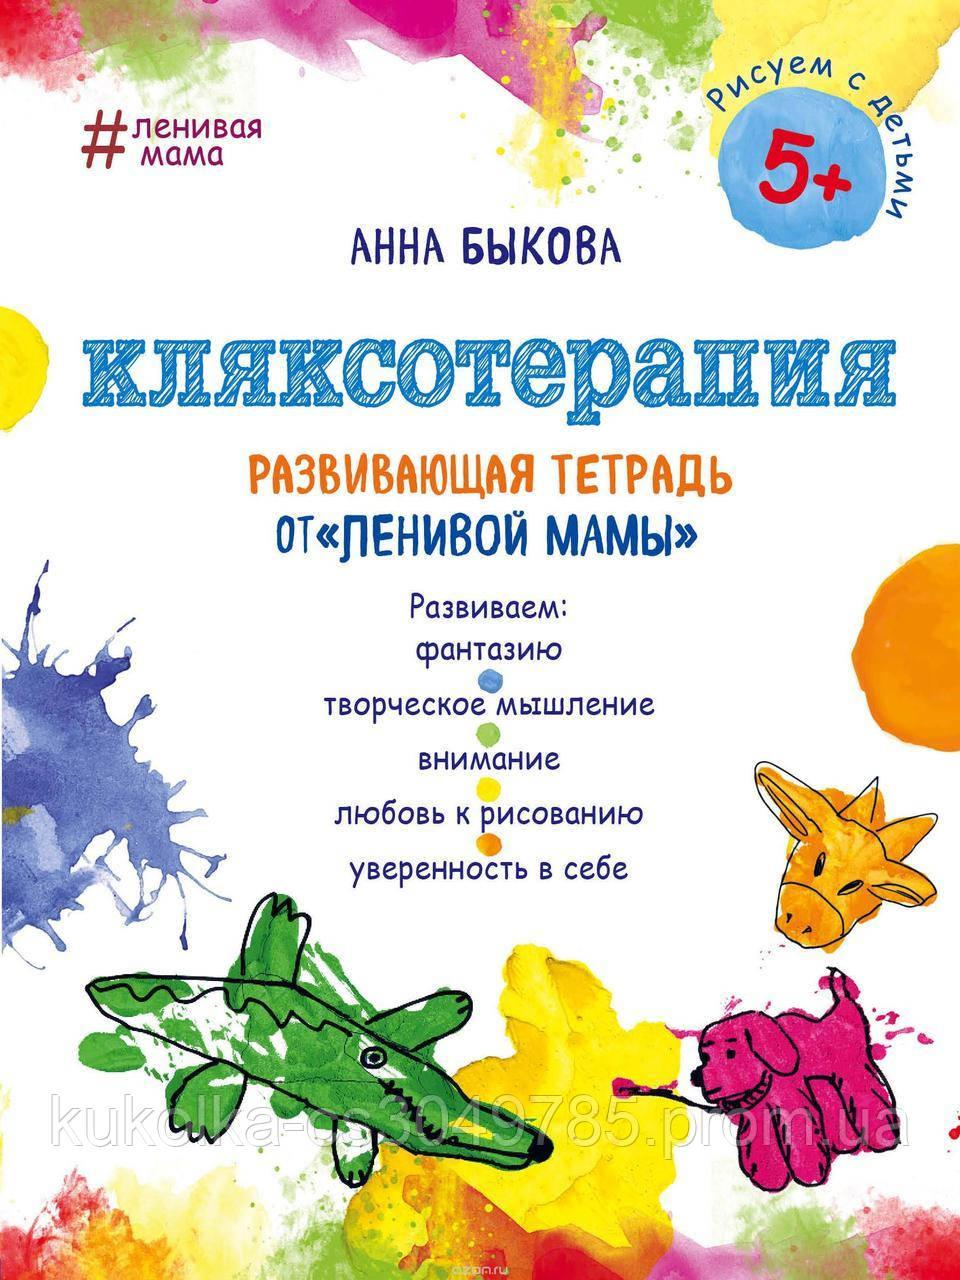 Кляксотерапия  Развивающая тетрадь от ленивой мамы  Быкова